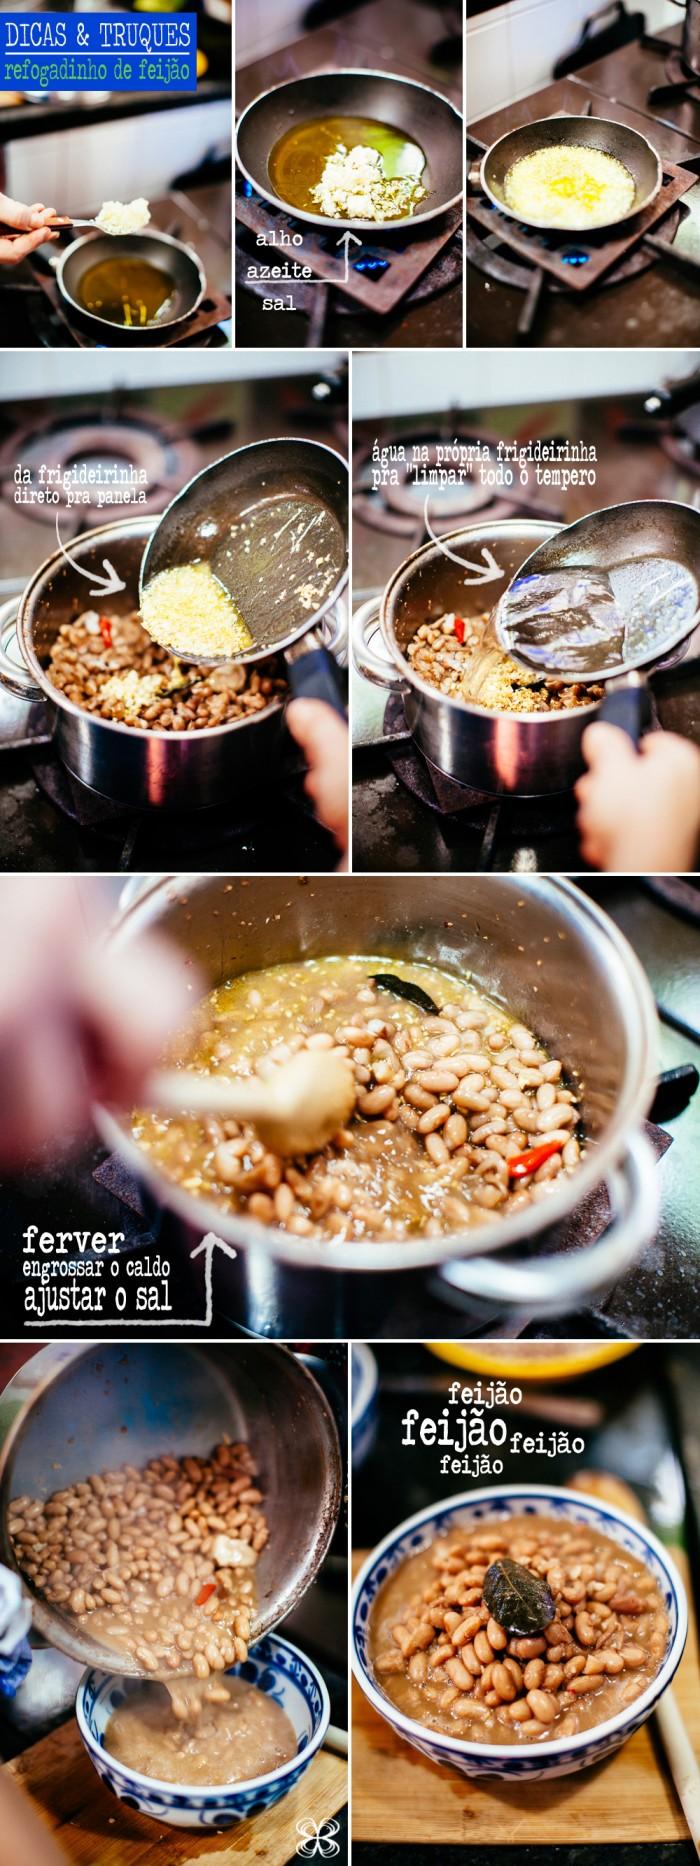 dicas-e-truques-do-refogadinho-de-feijao-(flavia-valsani-para-cozinha-da-matilde)